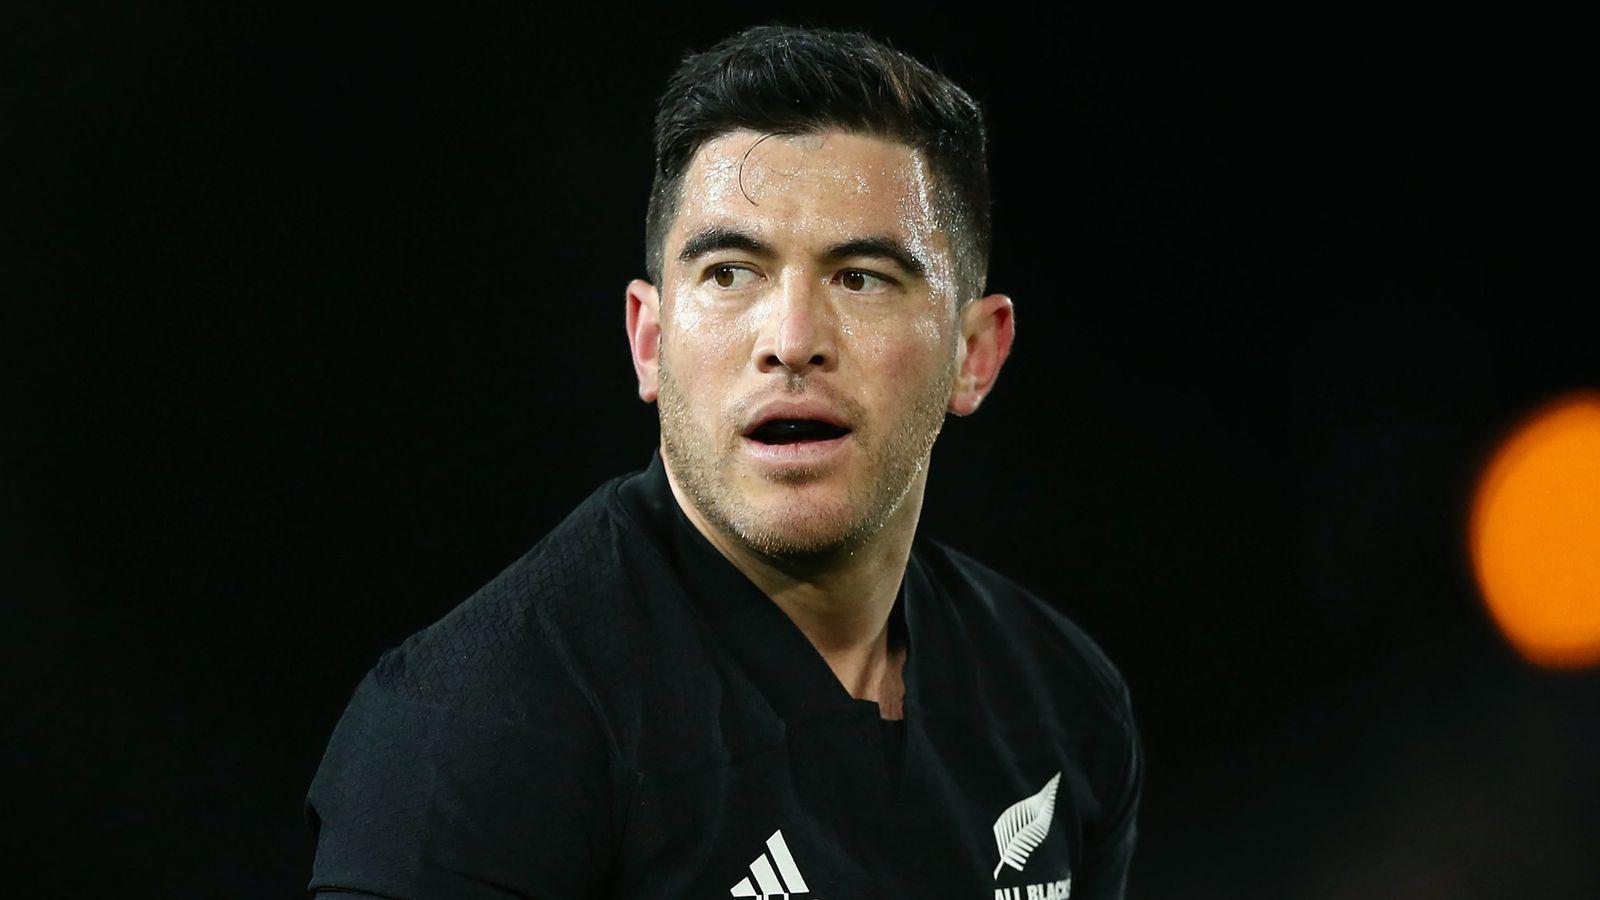 Nehe Milner-Skudder: Former All Blacks wing joins Otago Highlanders